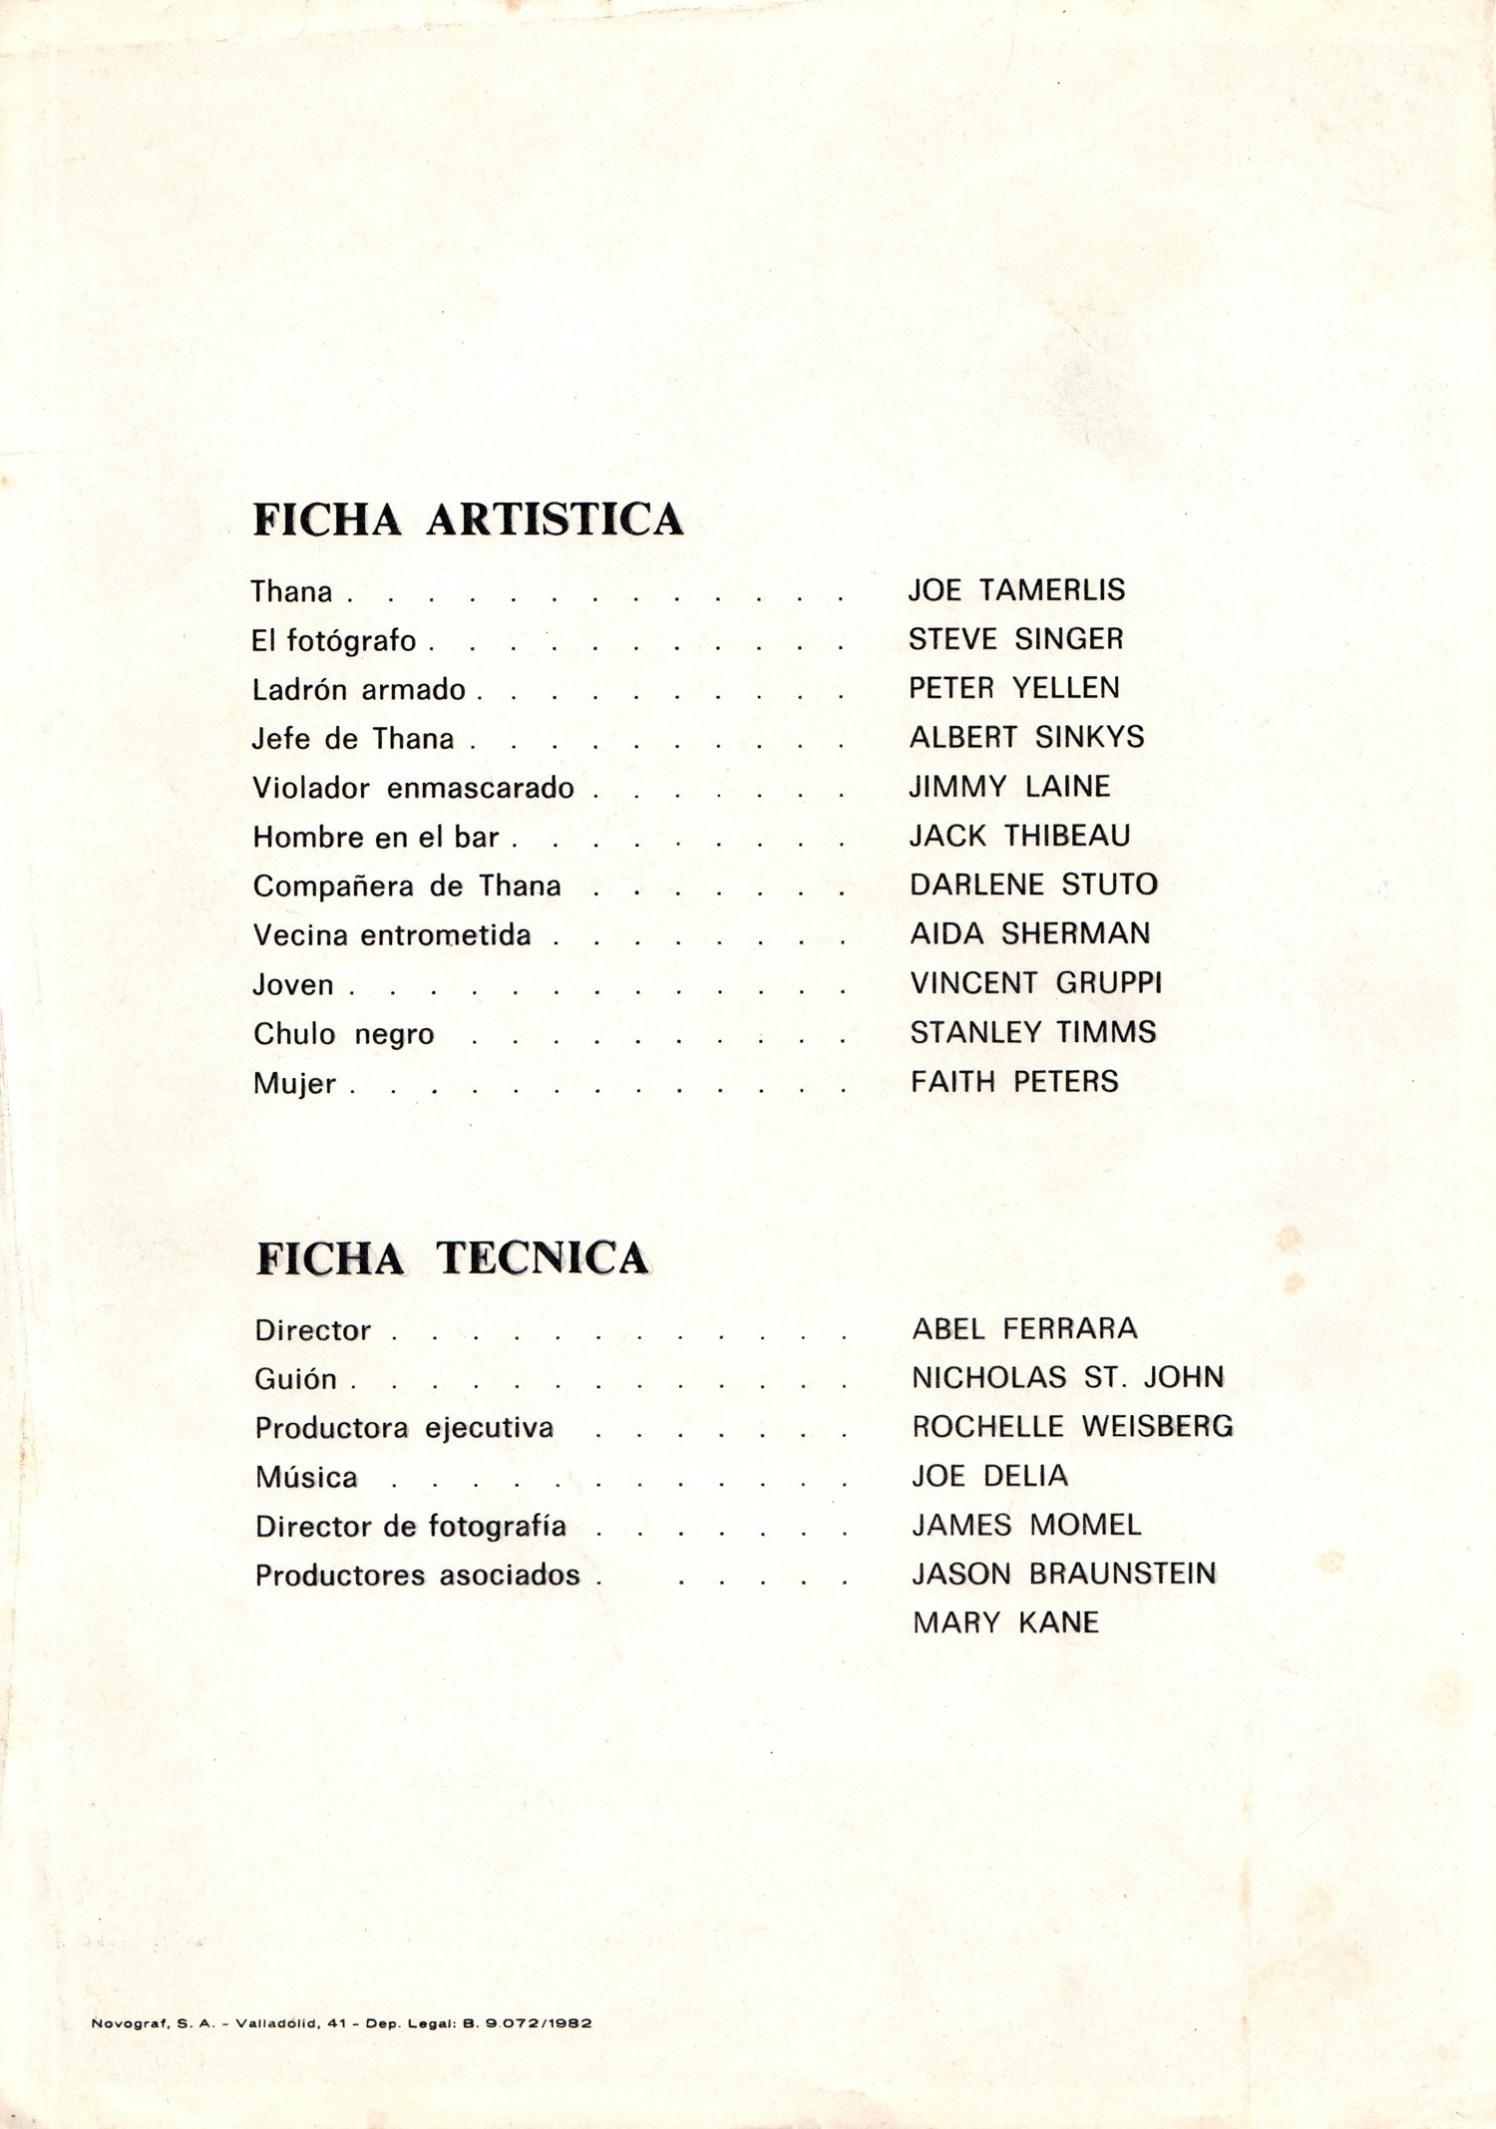 ms45-pressbook-spain-2